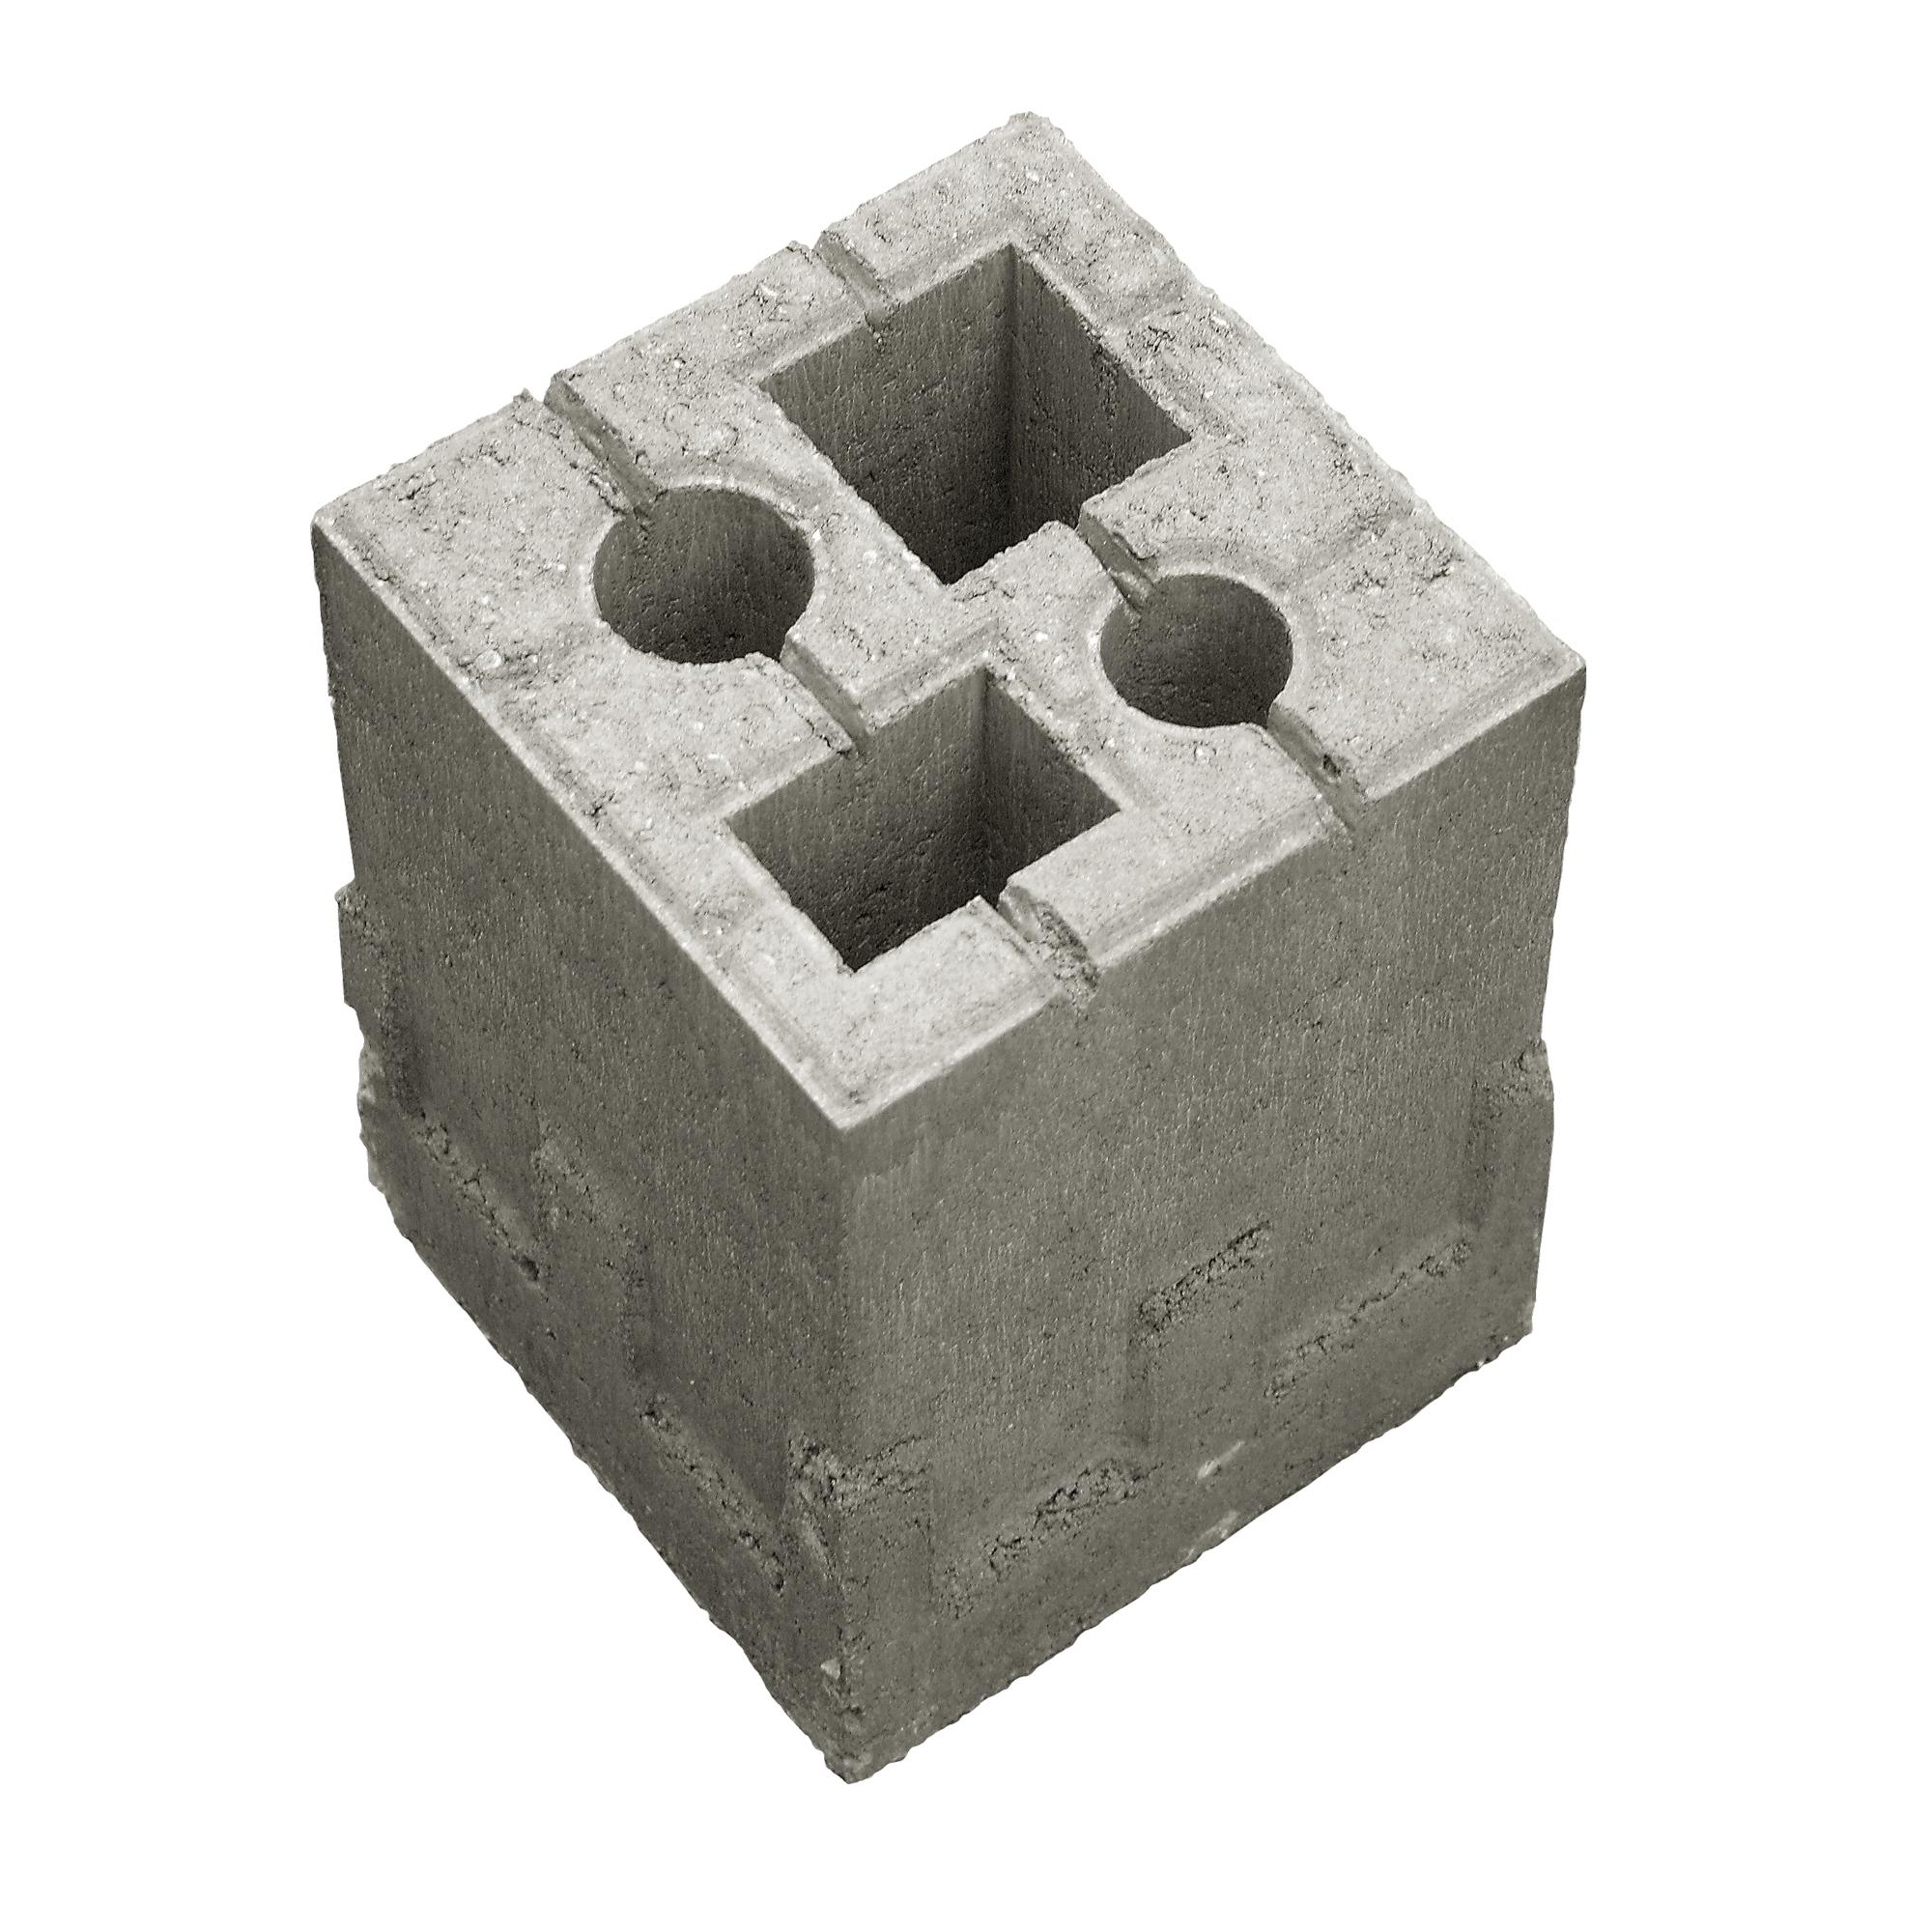 zaun-fundament-stein 19 x 19 x 25 cm ǀ toom baumarkt